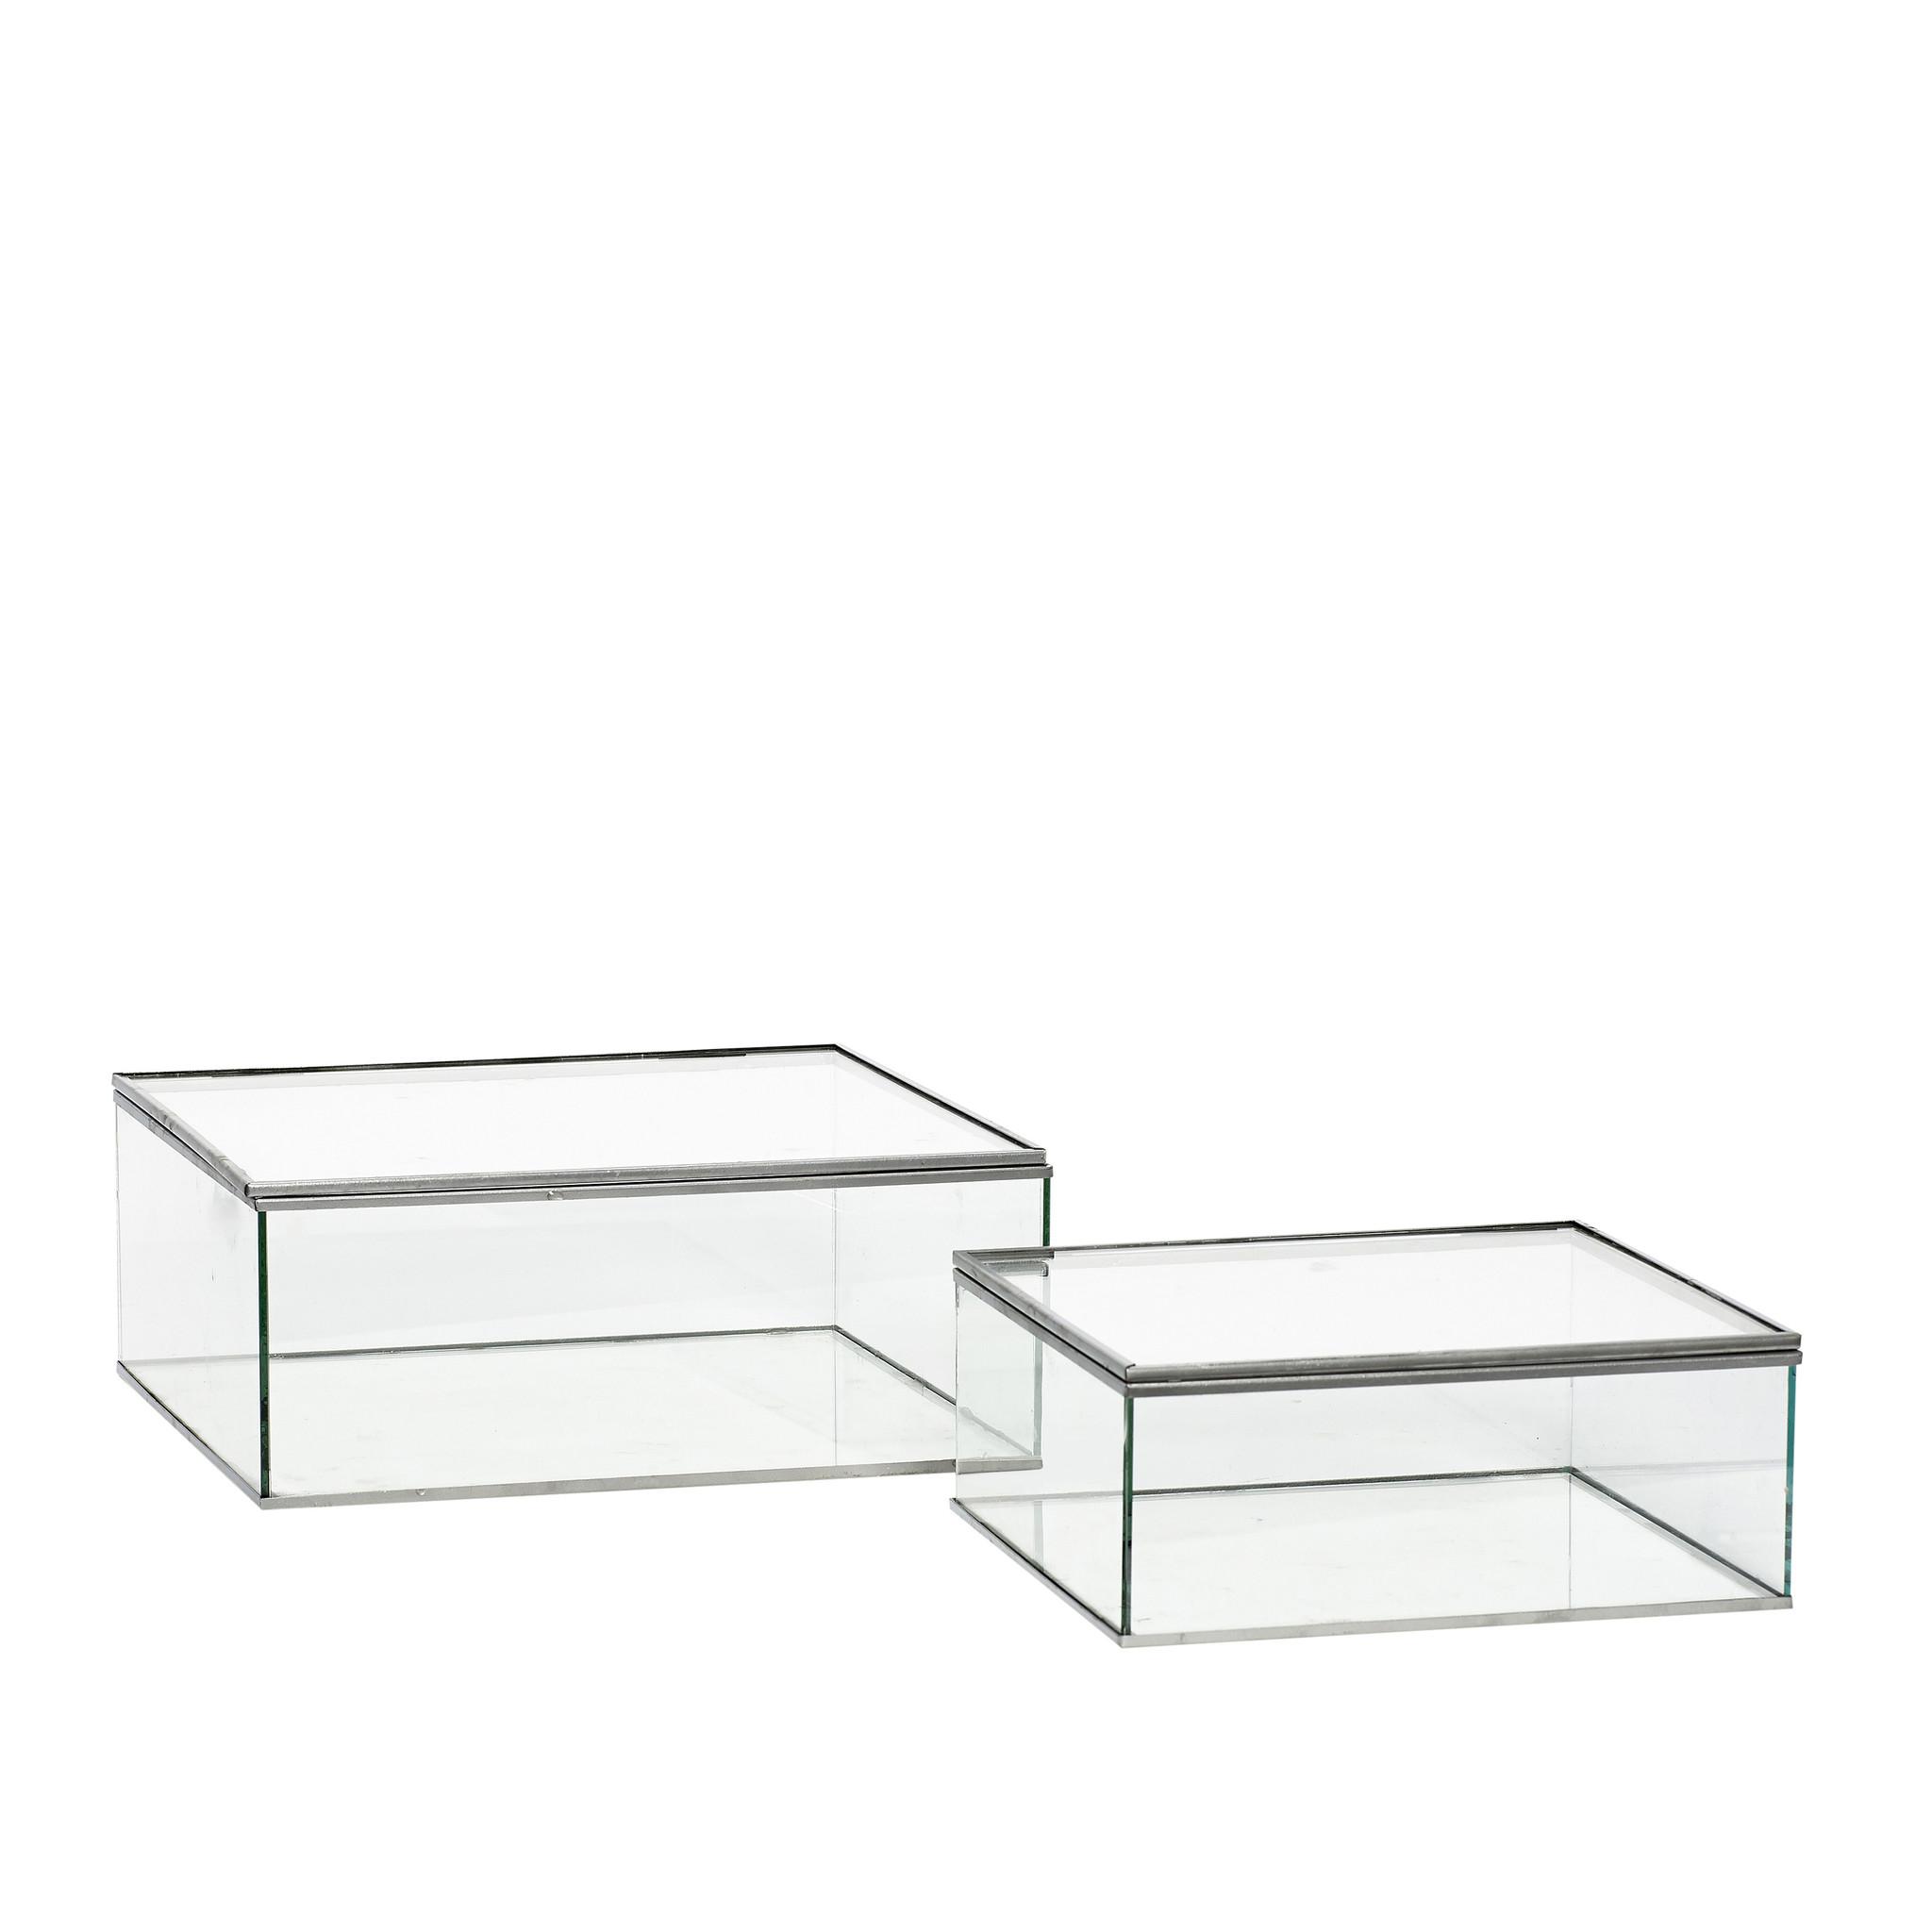 Hubsch Glazen doos met deksel, grijs, set van 2